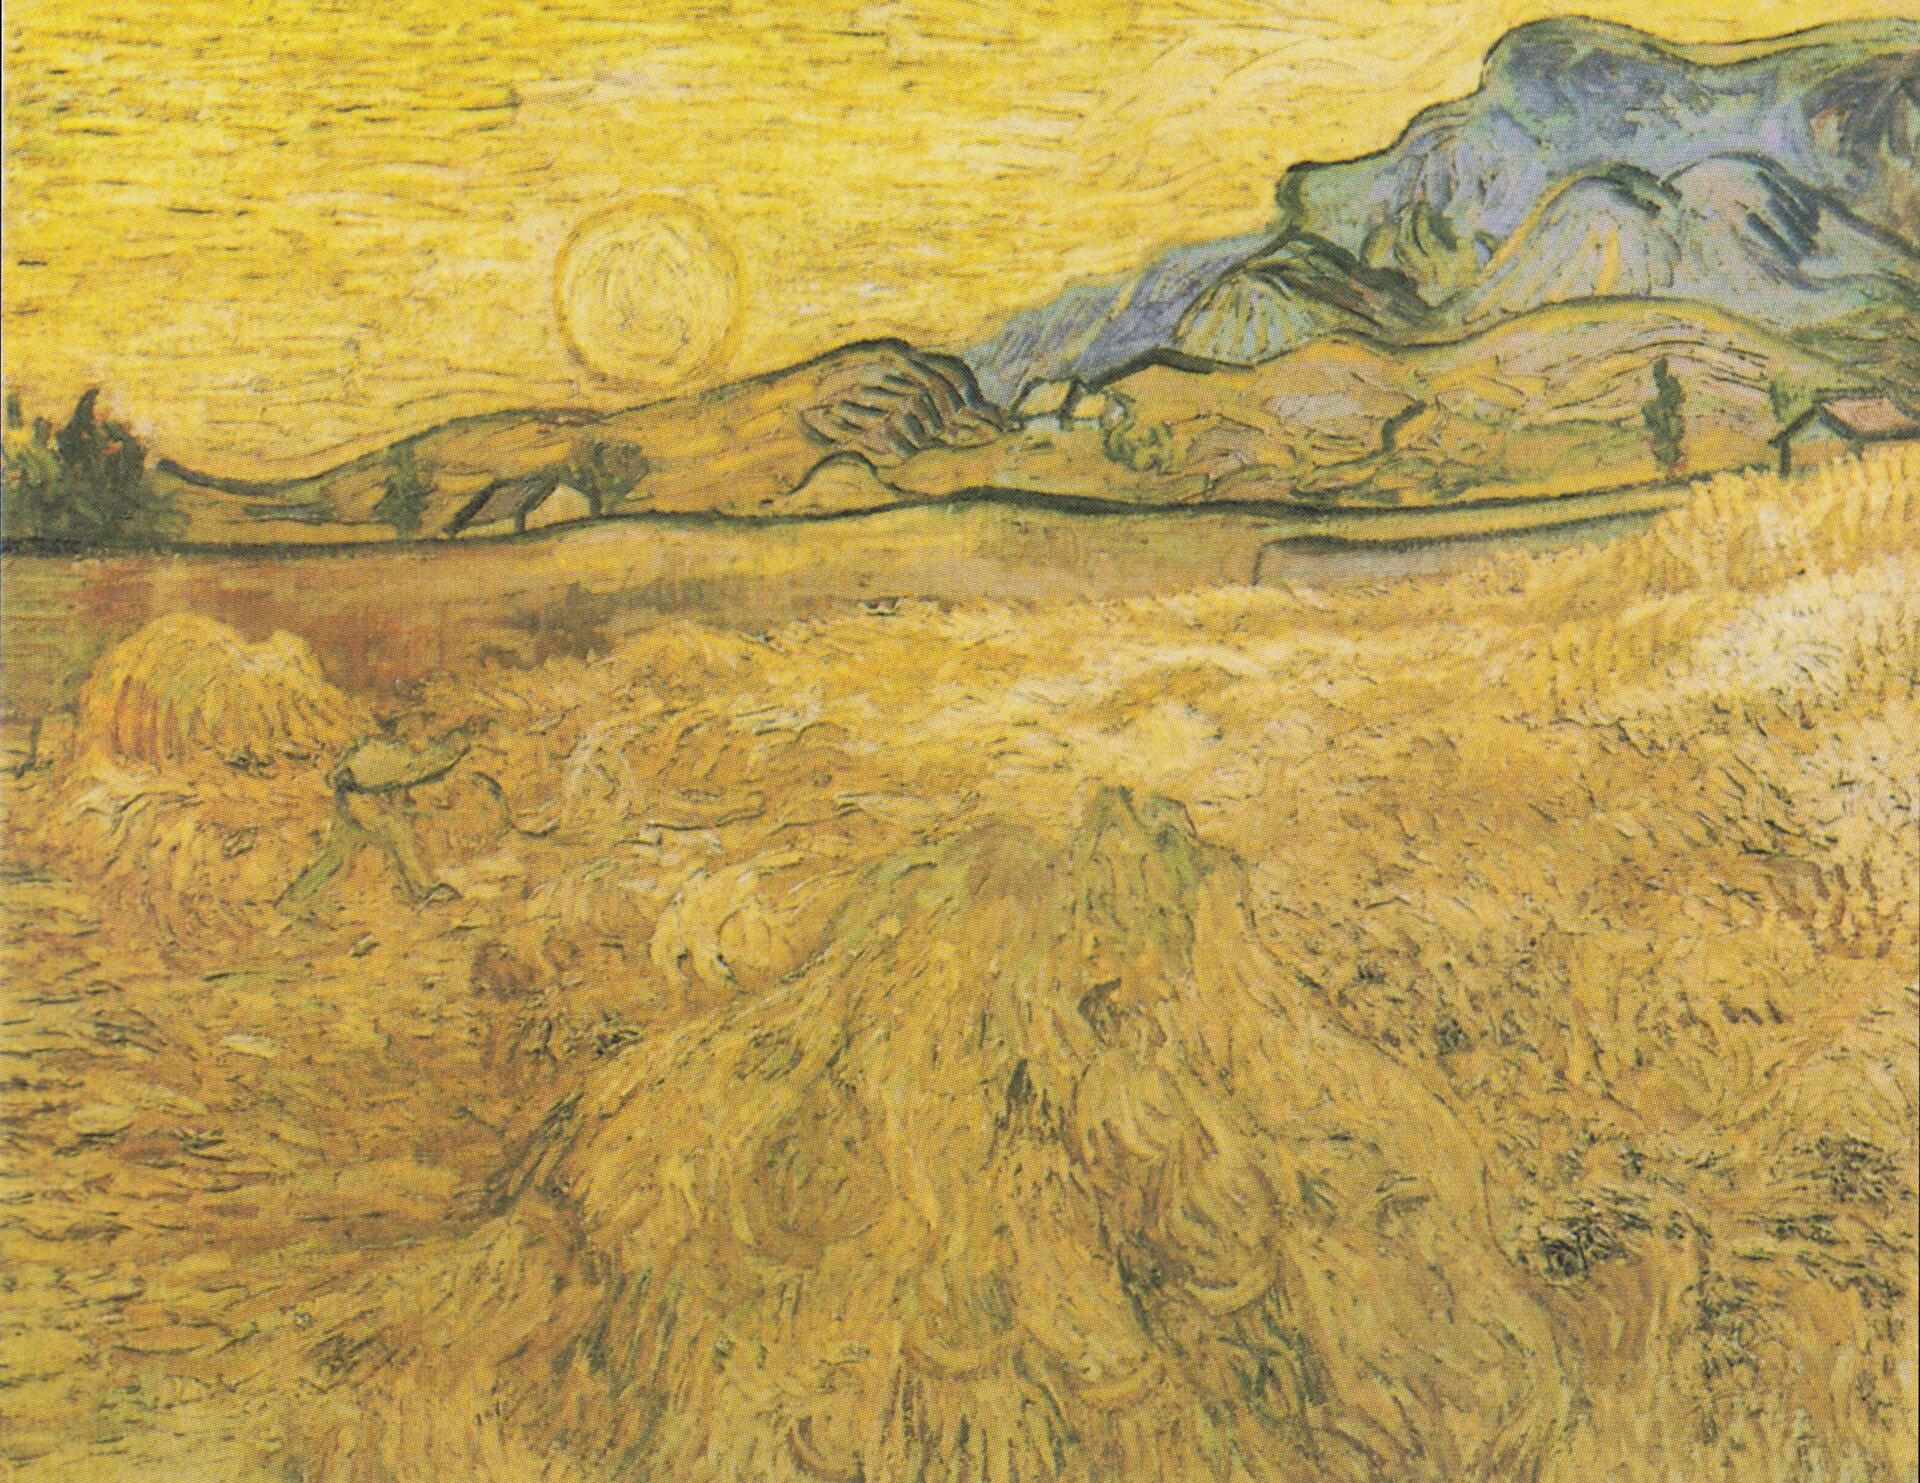 Pole pszenicy wsłońcu Źródło: Vincent van Gogh, Pole pszenicy wsłońcu, 1889, obraz olejny, domena publiczna.